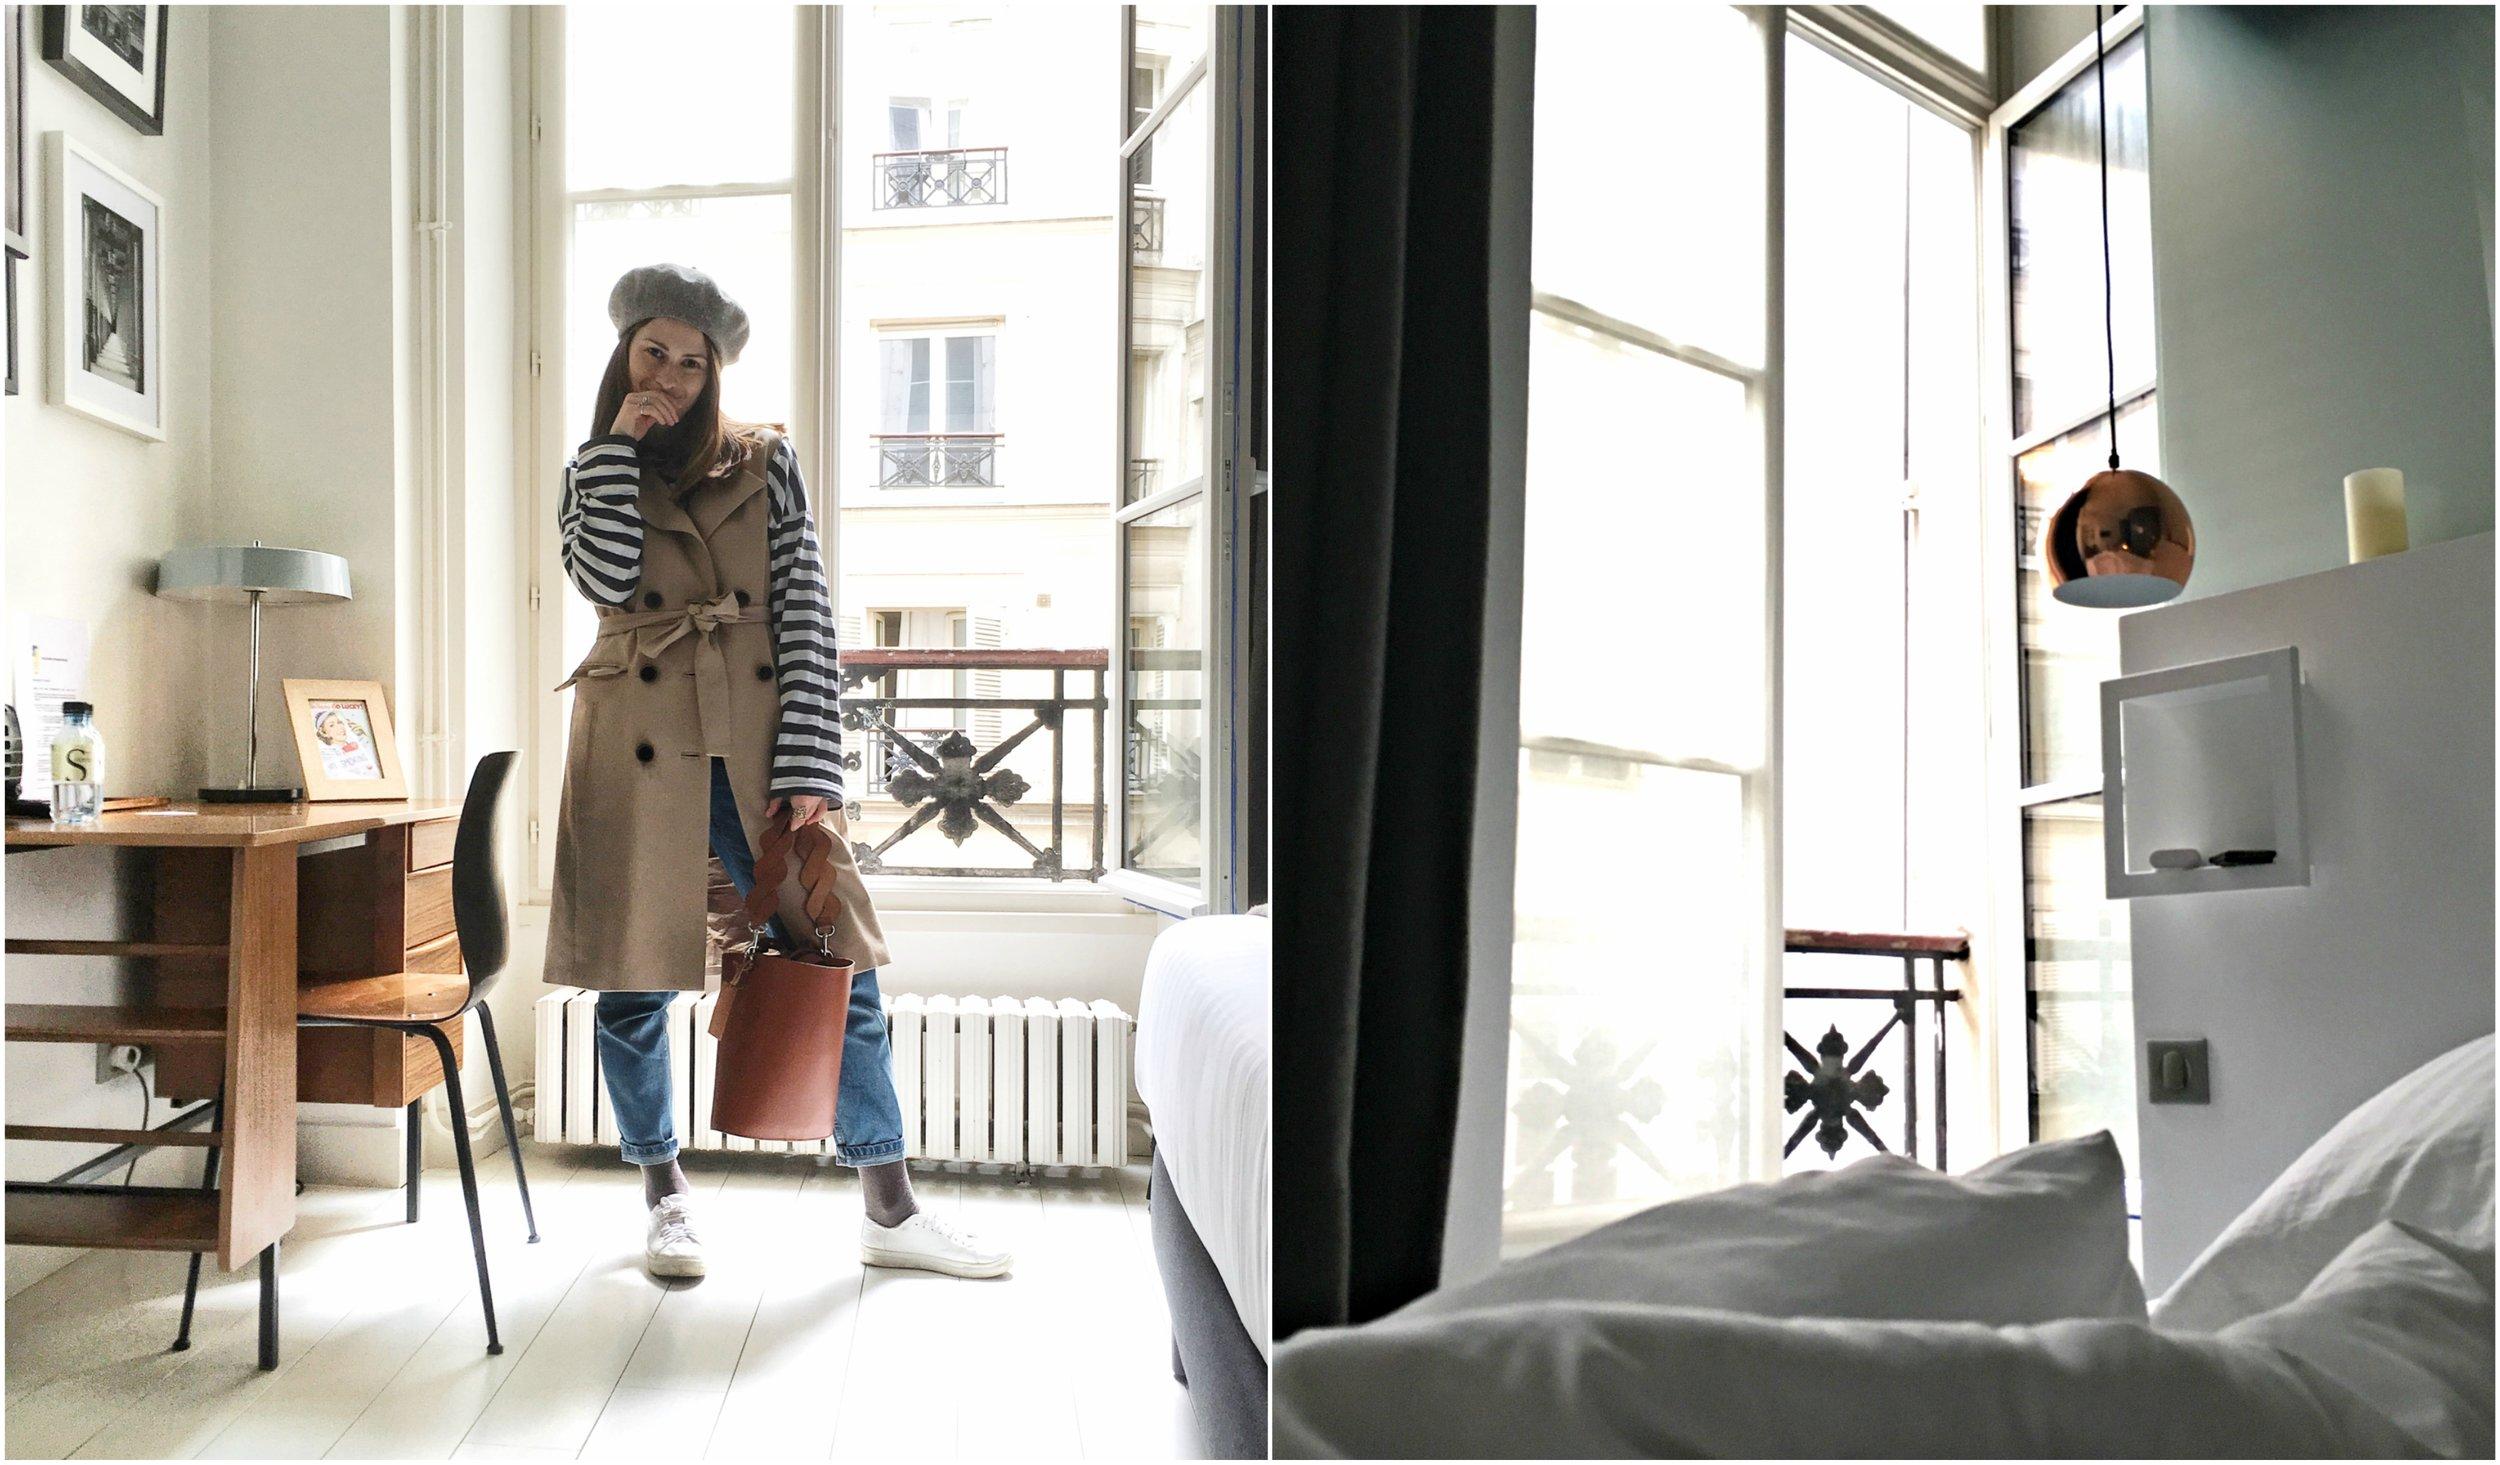 annaporter-top-5-places-in-paris-1er-etage-opera-hotel.jpg